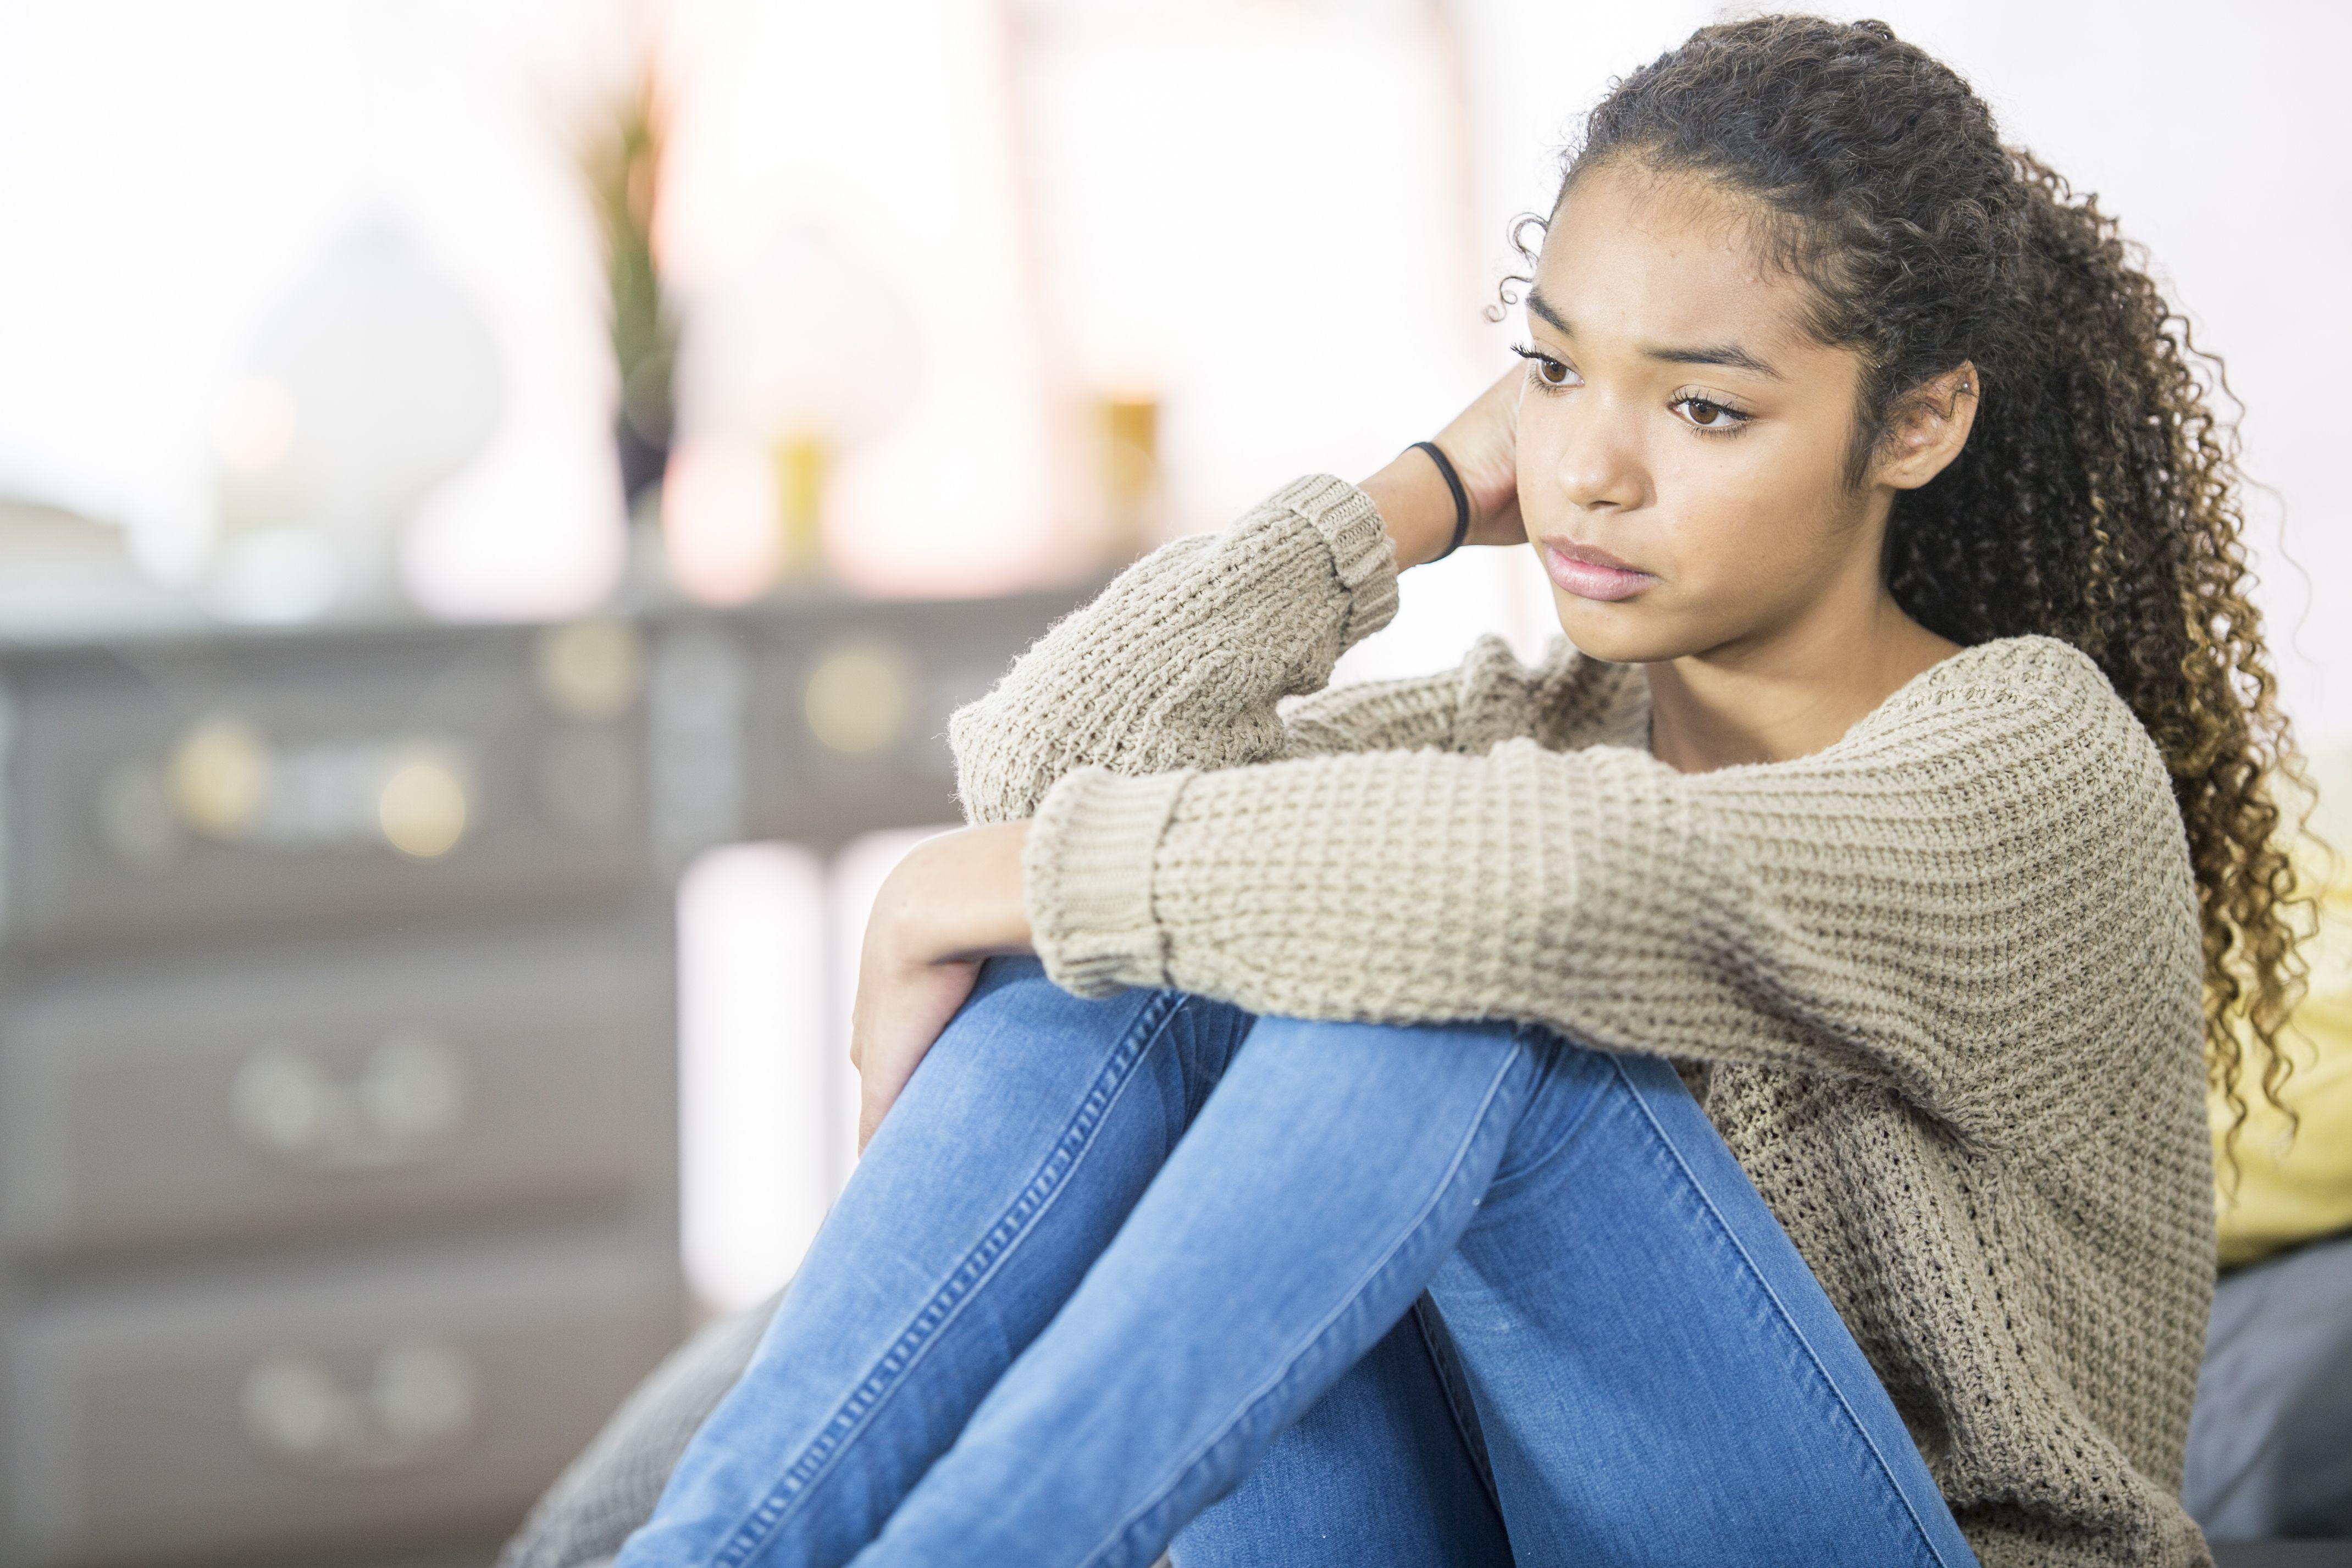 Bệnh động kinh có thể khiến con trở nên mặc cảm về bản thân